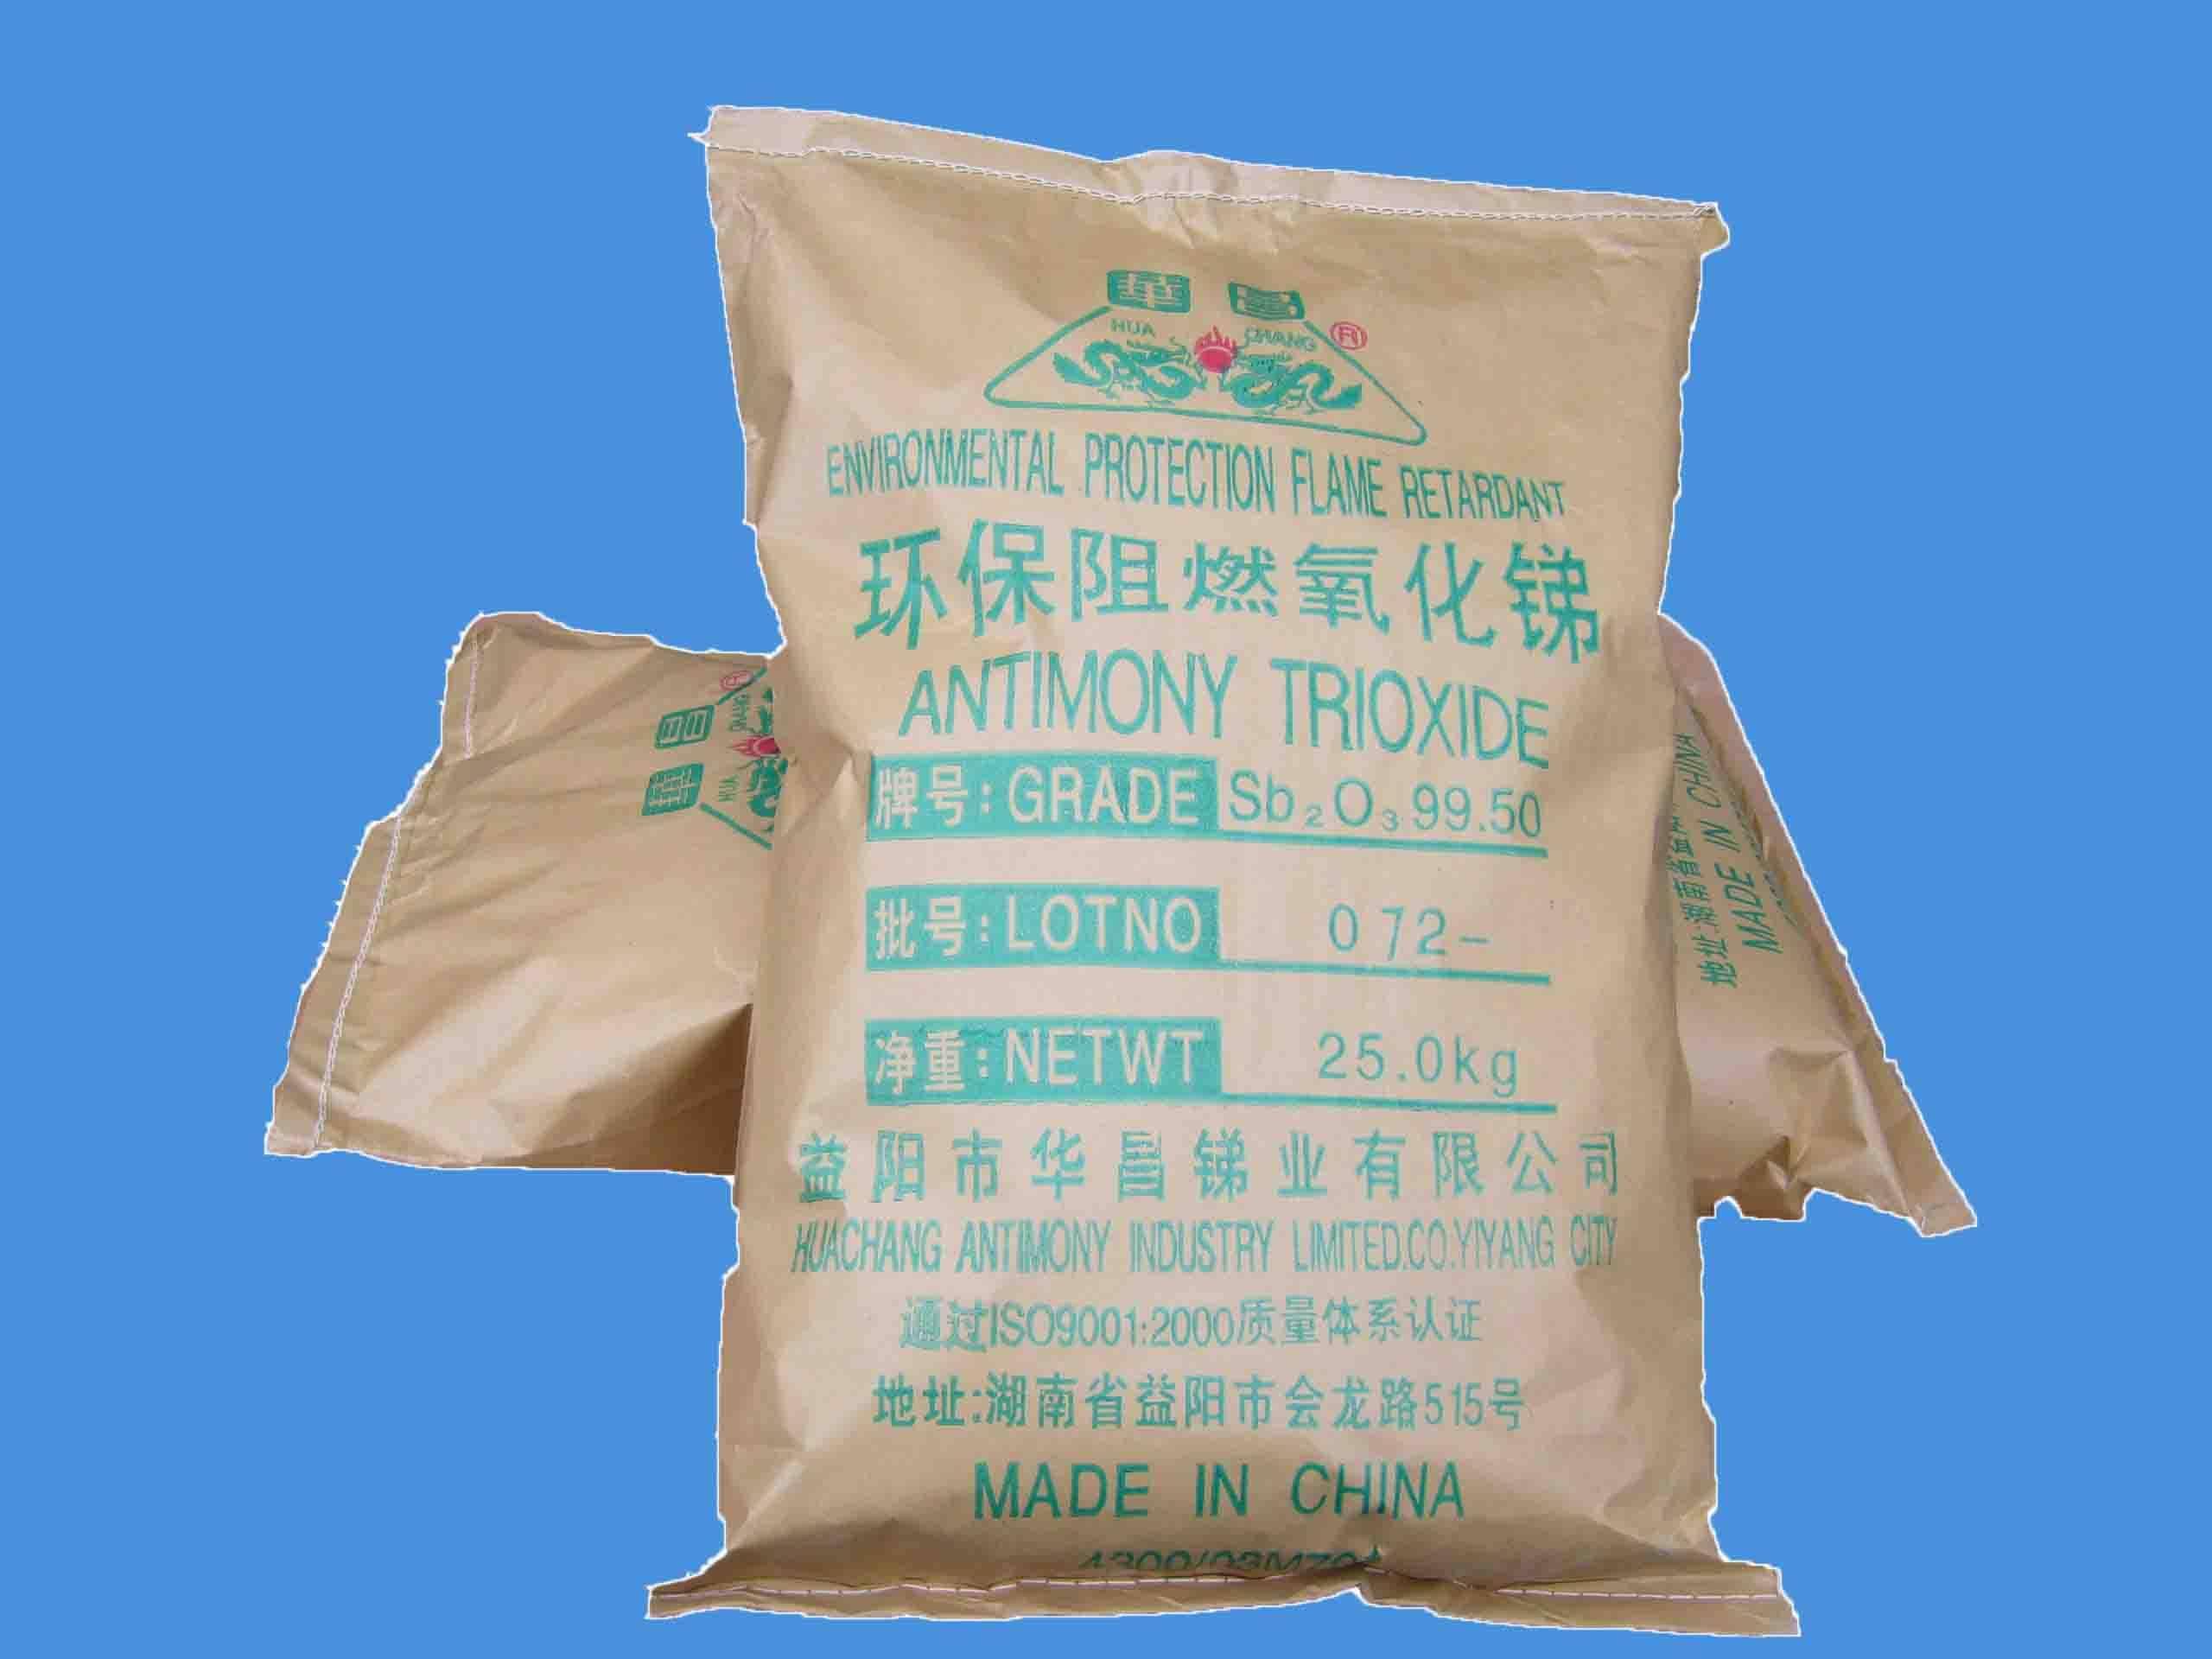 Environment protection flame retardant antimony oxide